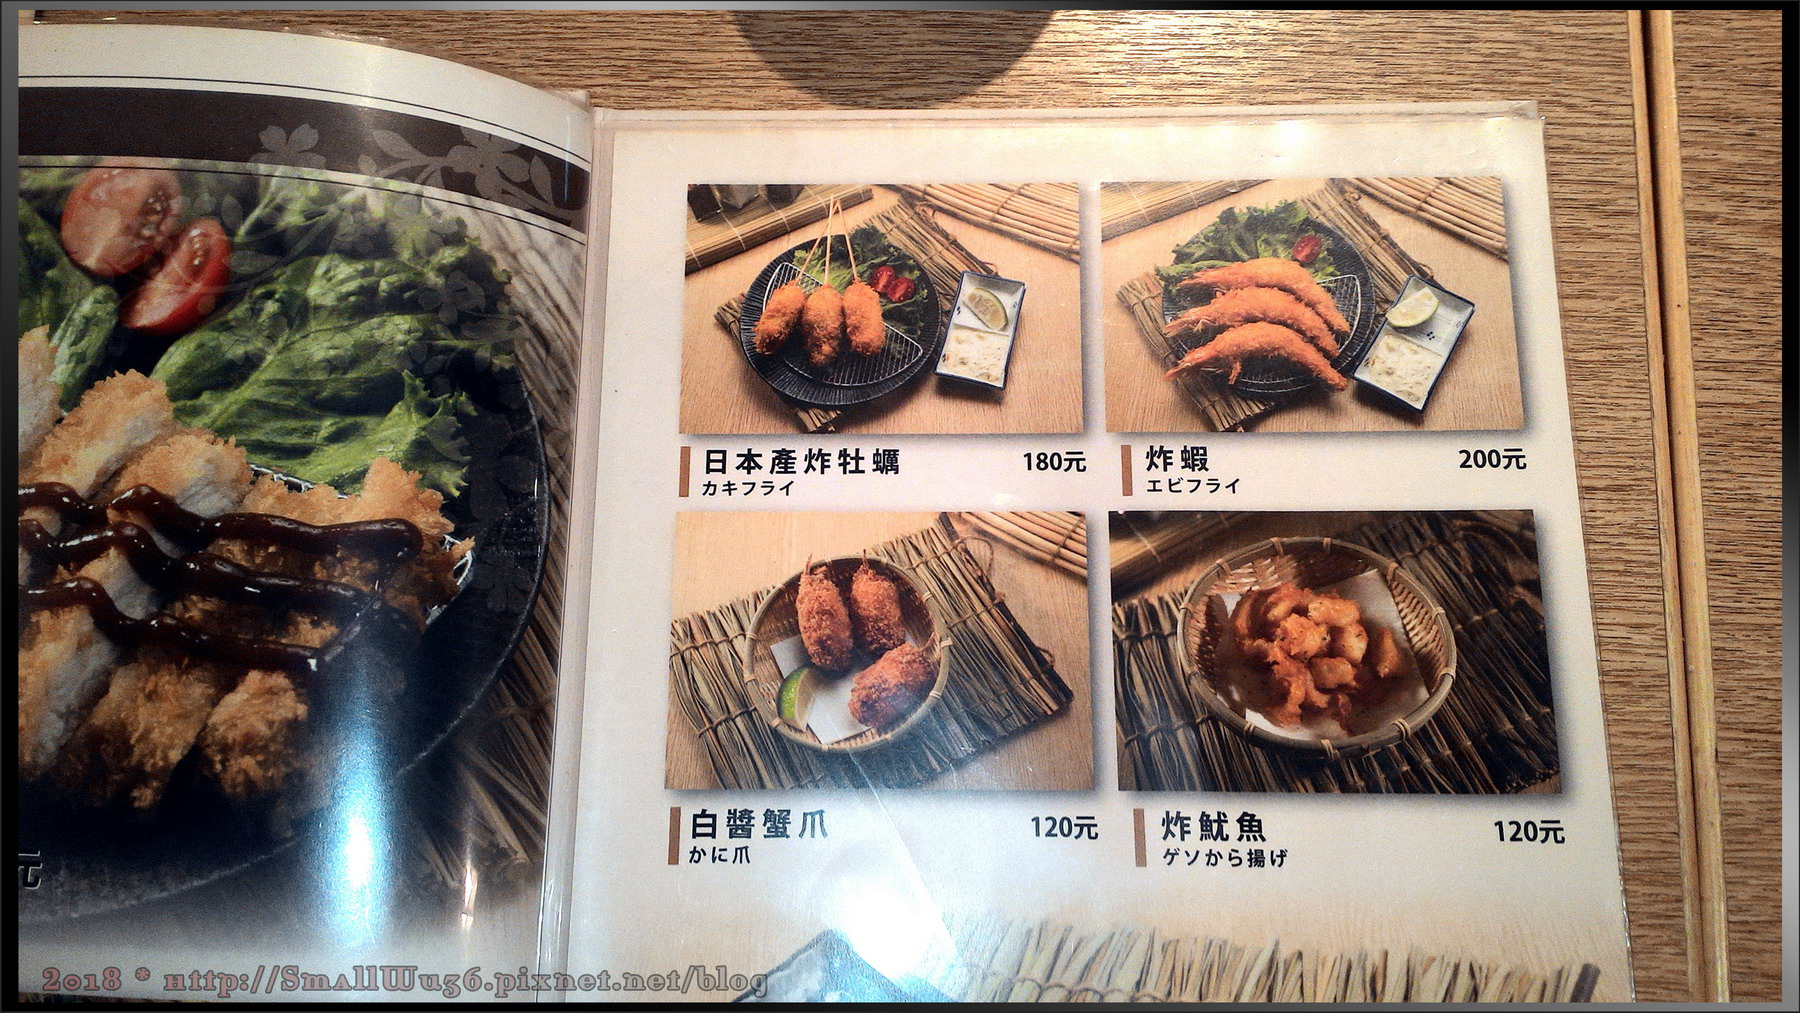 [020]台北中山站-串炸達摩-菜單MENU.jpg